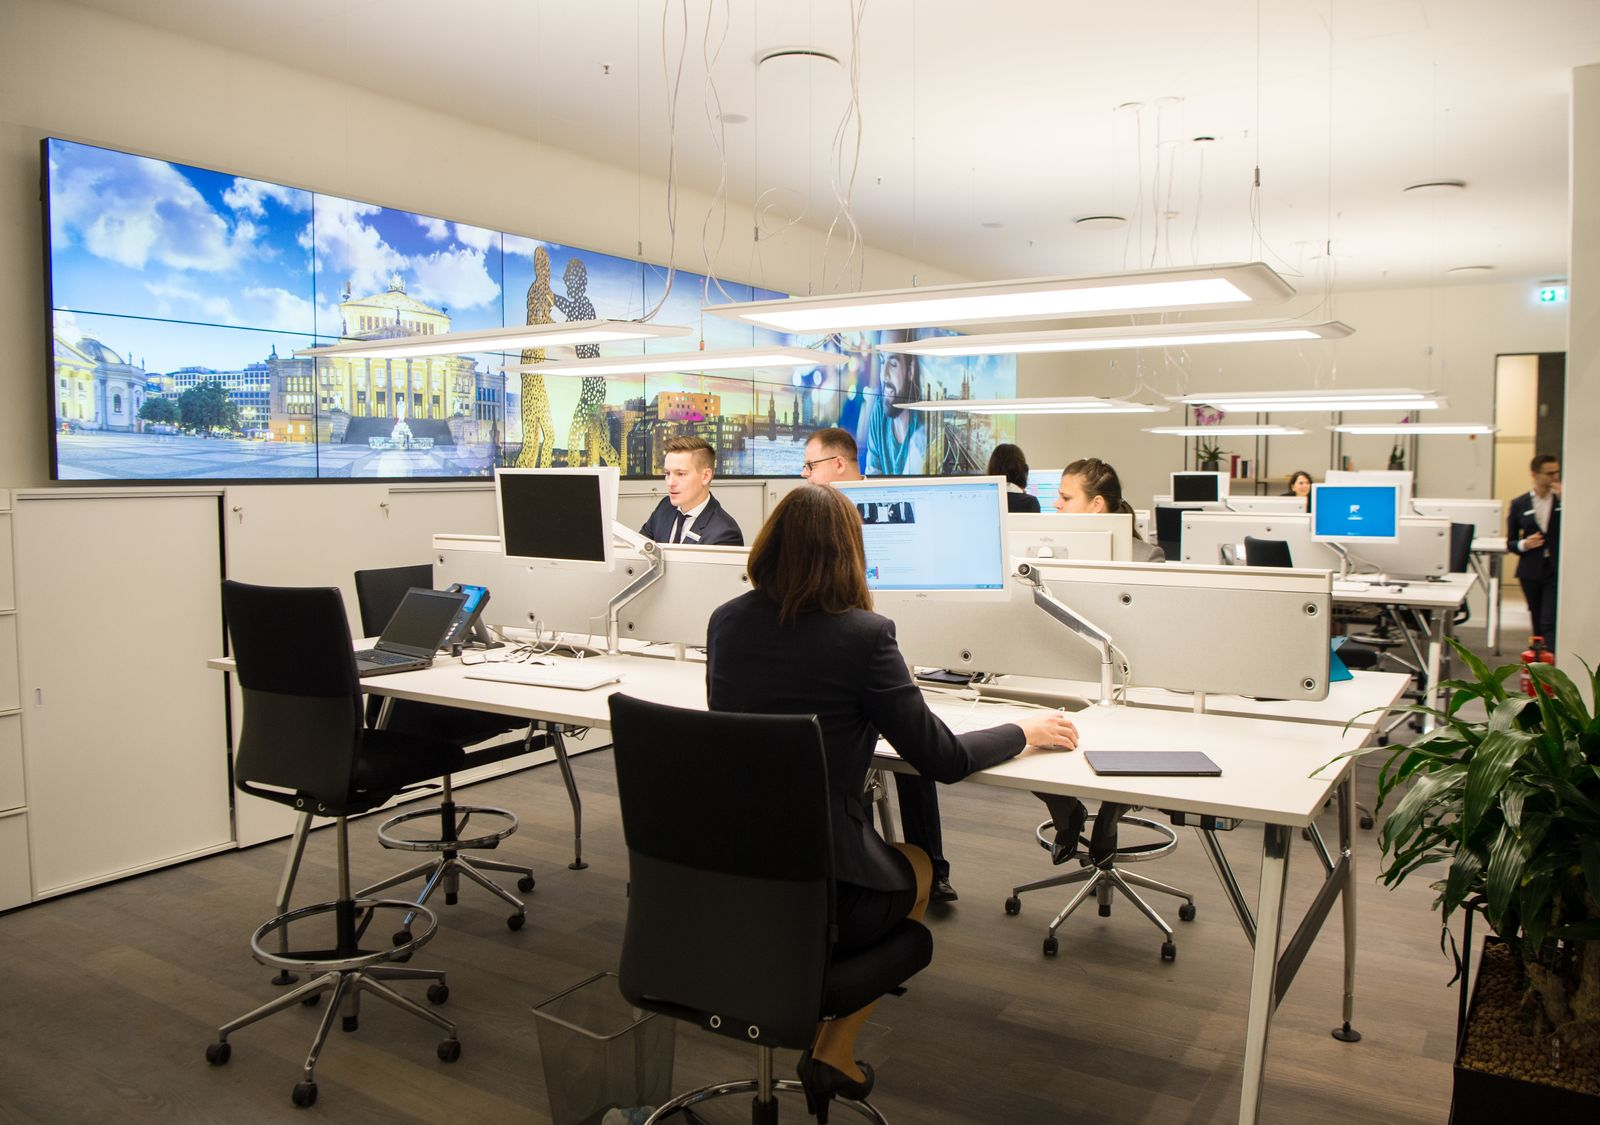 Bank / Büro / Großraum / Mitarbeiter